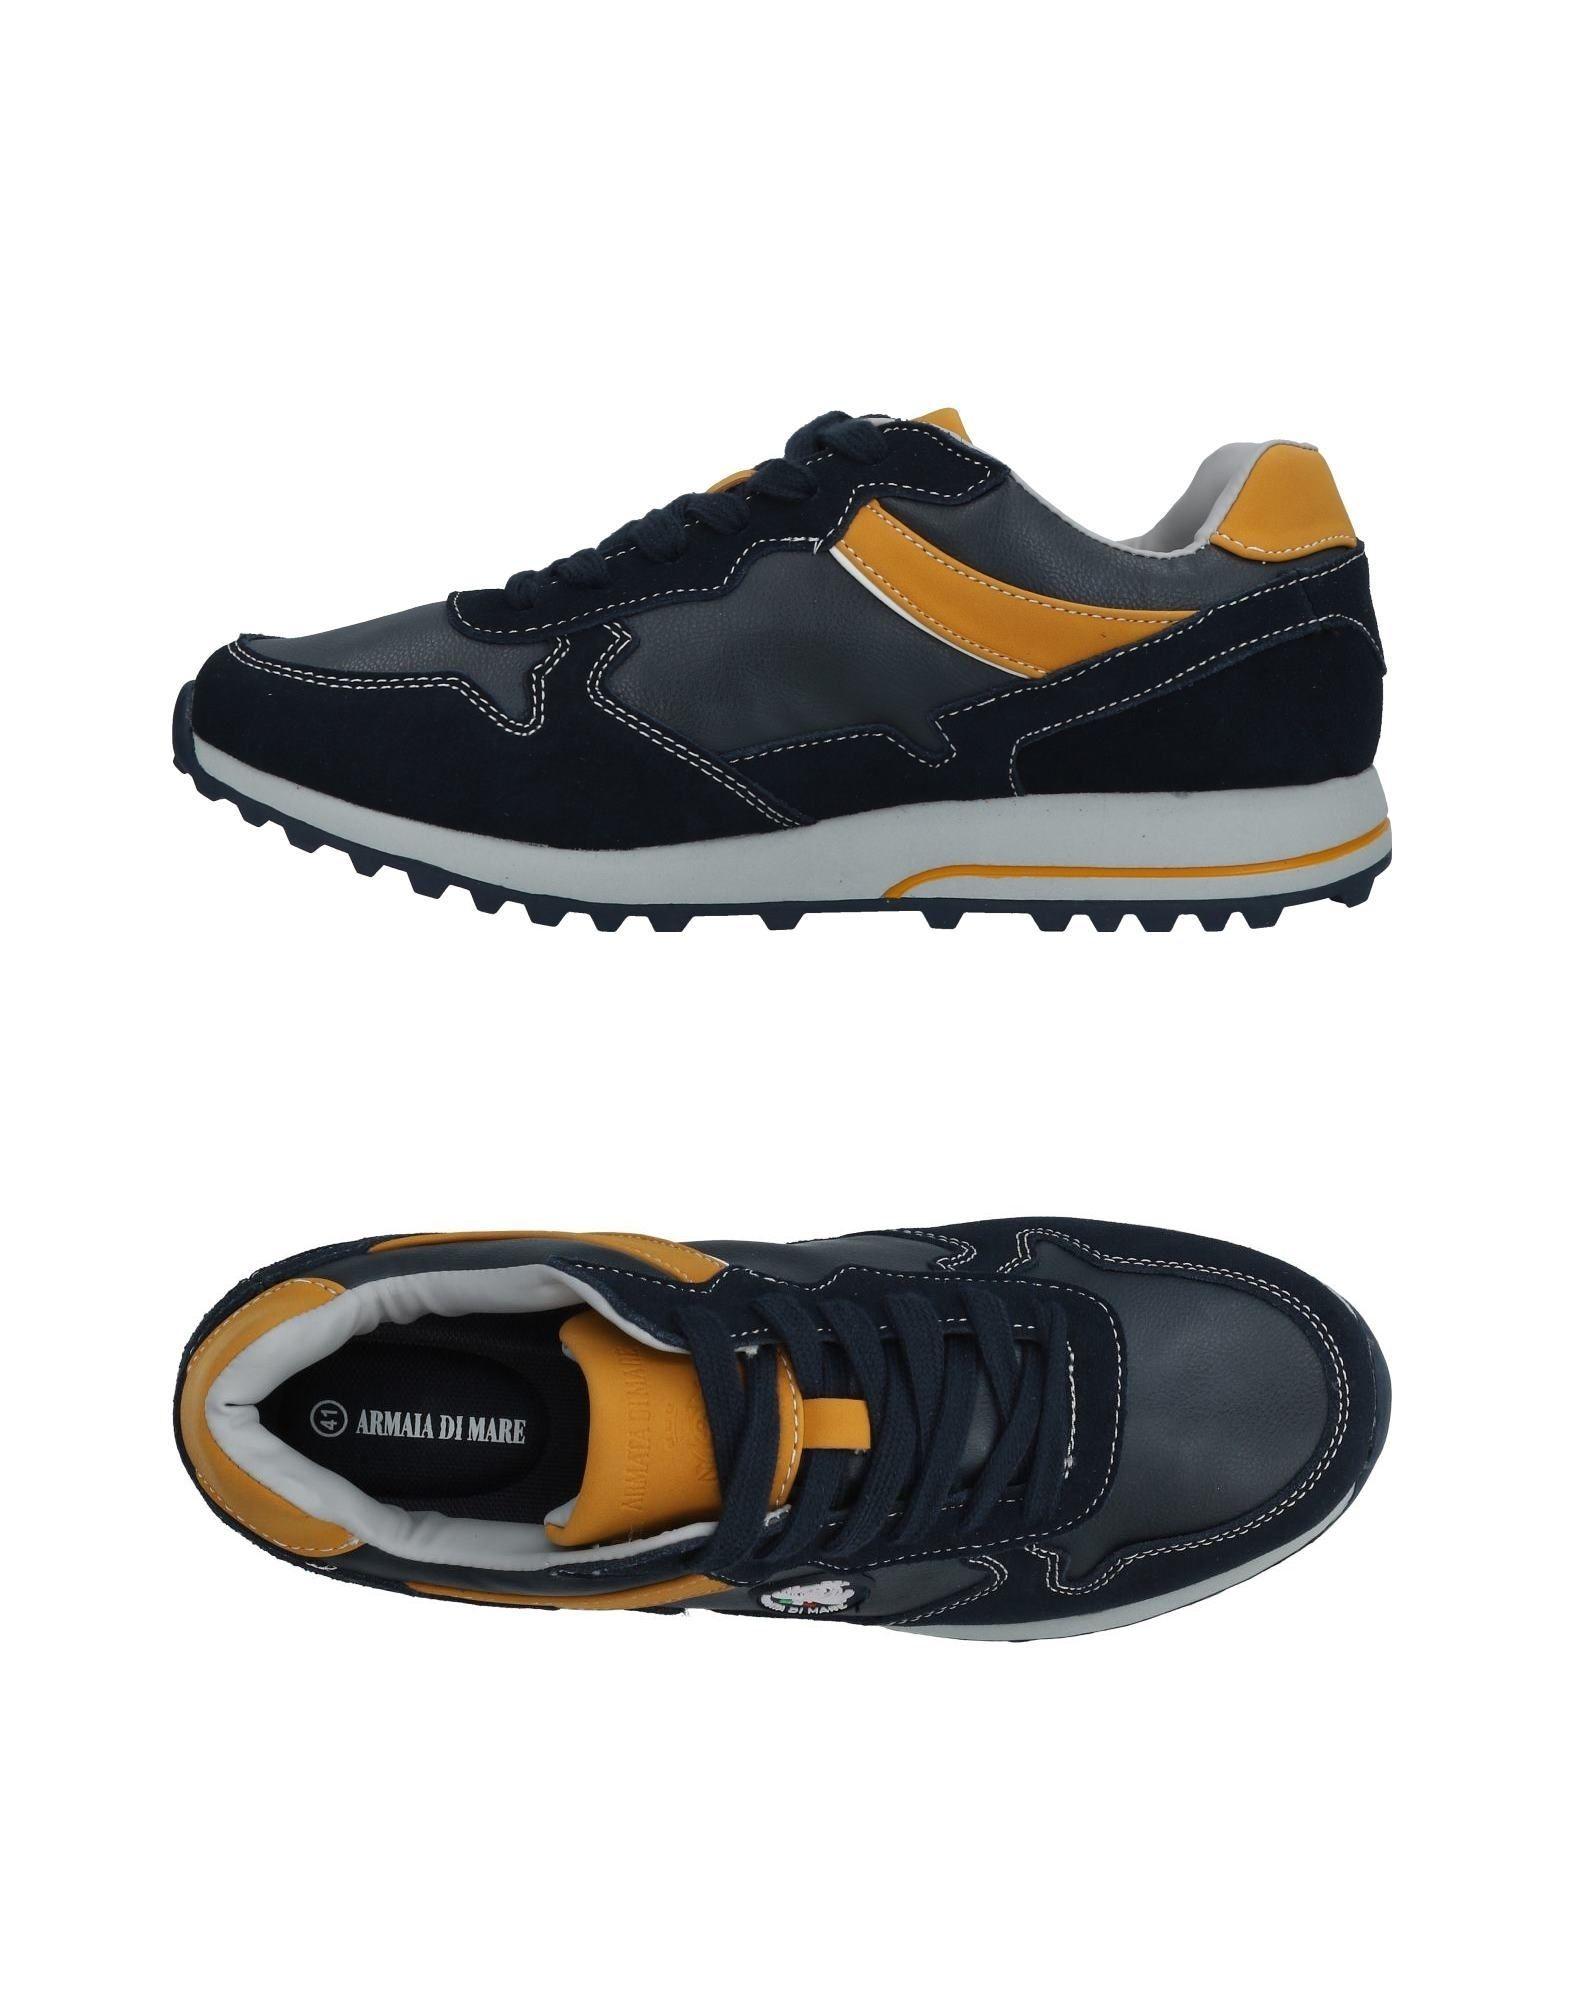 Sneakers Armata 11447046NQ Di Mare Uomo - 11447046NQ Armata 1c3b4a